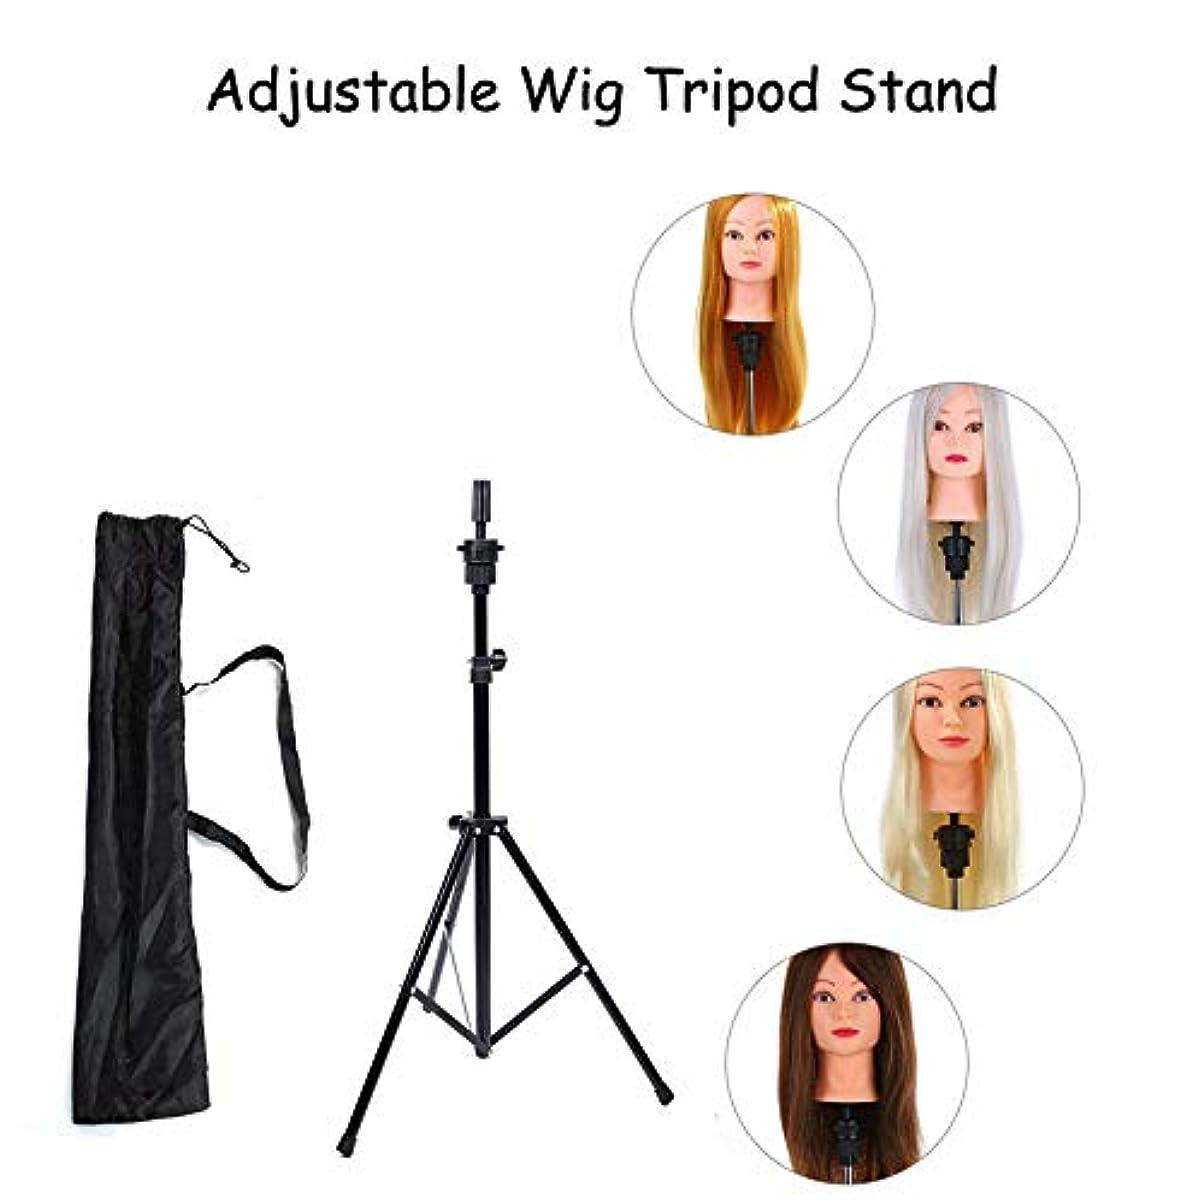 すべき伝統思想マネキンウィッグヘッド三脚スタンド調節可能な美容トレーニング人形ヘッドホルダー用理髪かつらスタンド付きキャリーバッグ